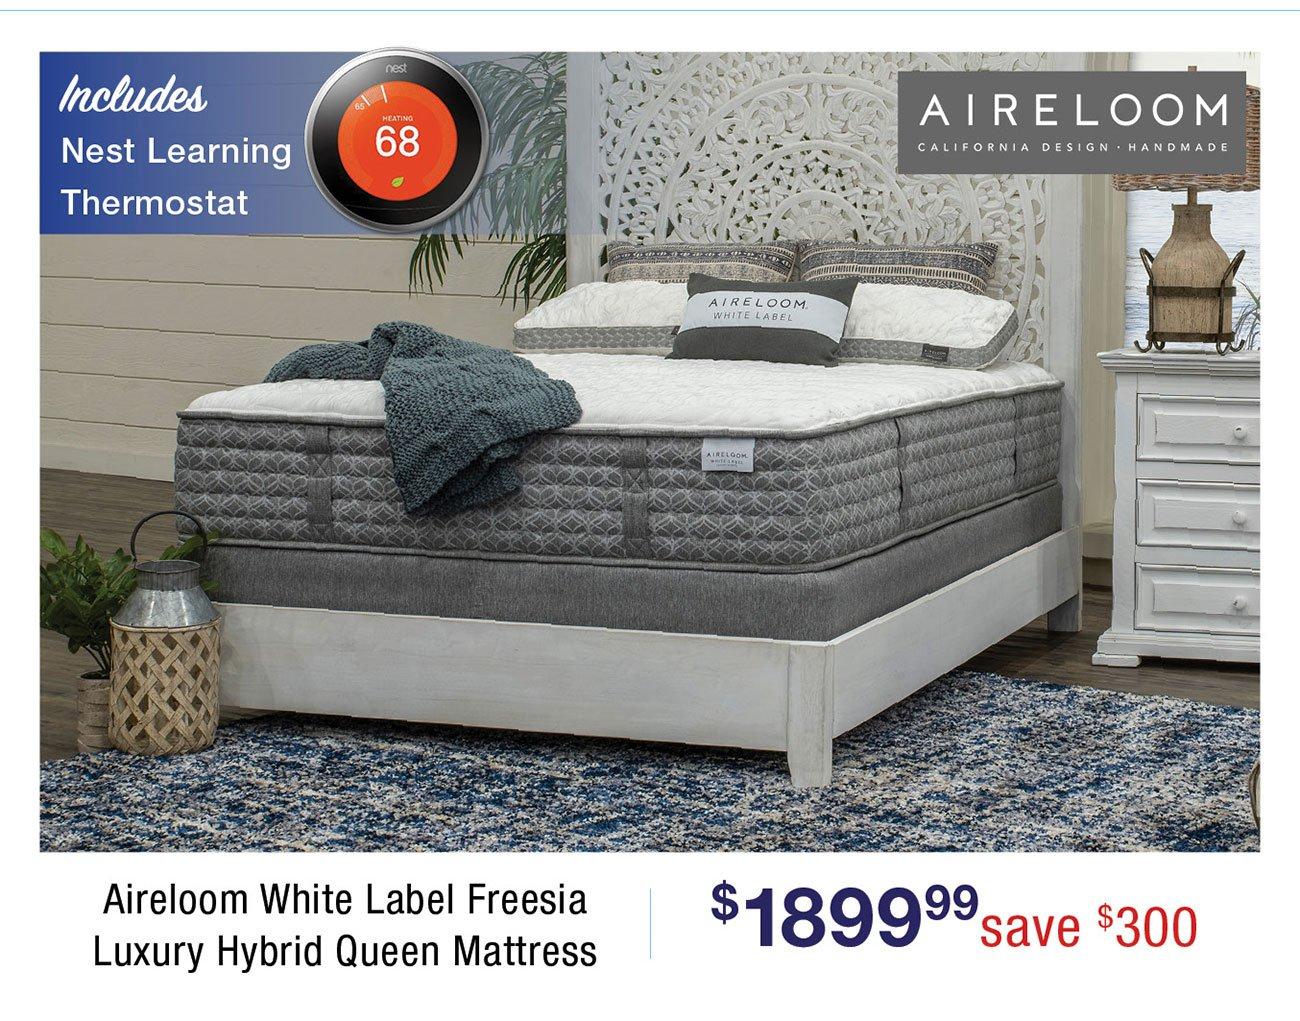 aireloom-freesia-queen-mattress